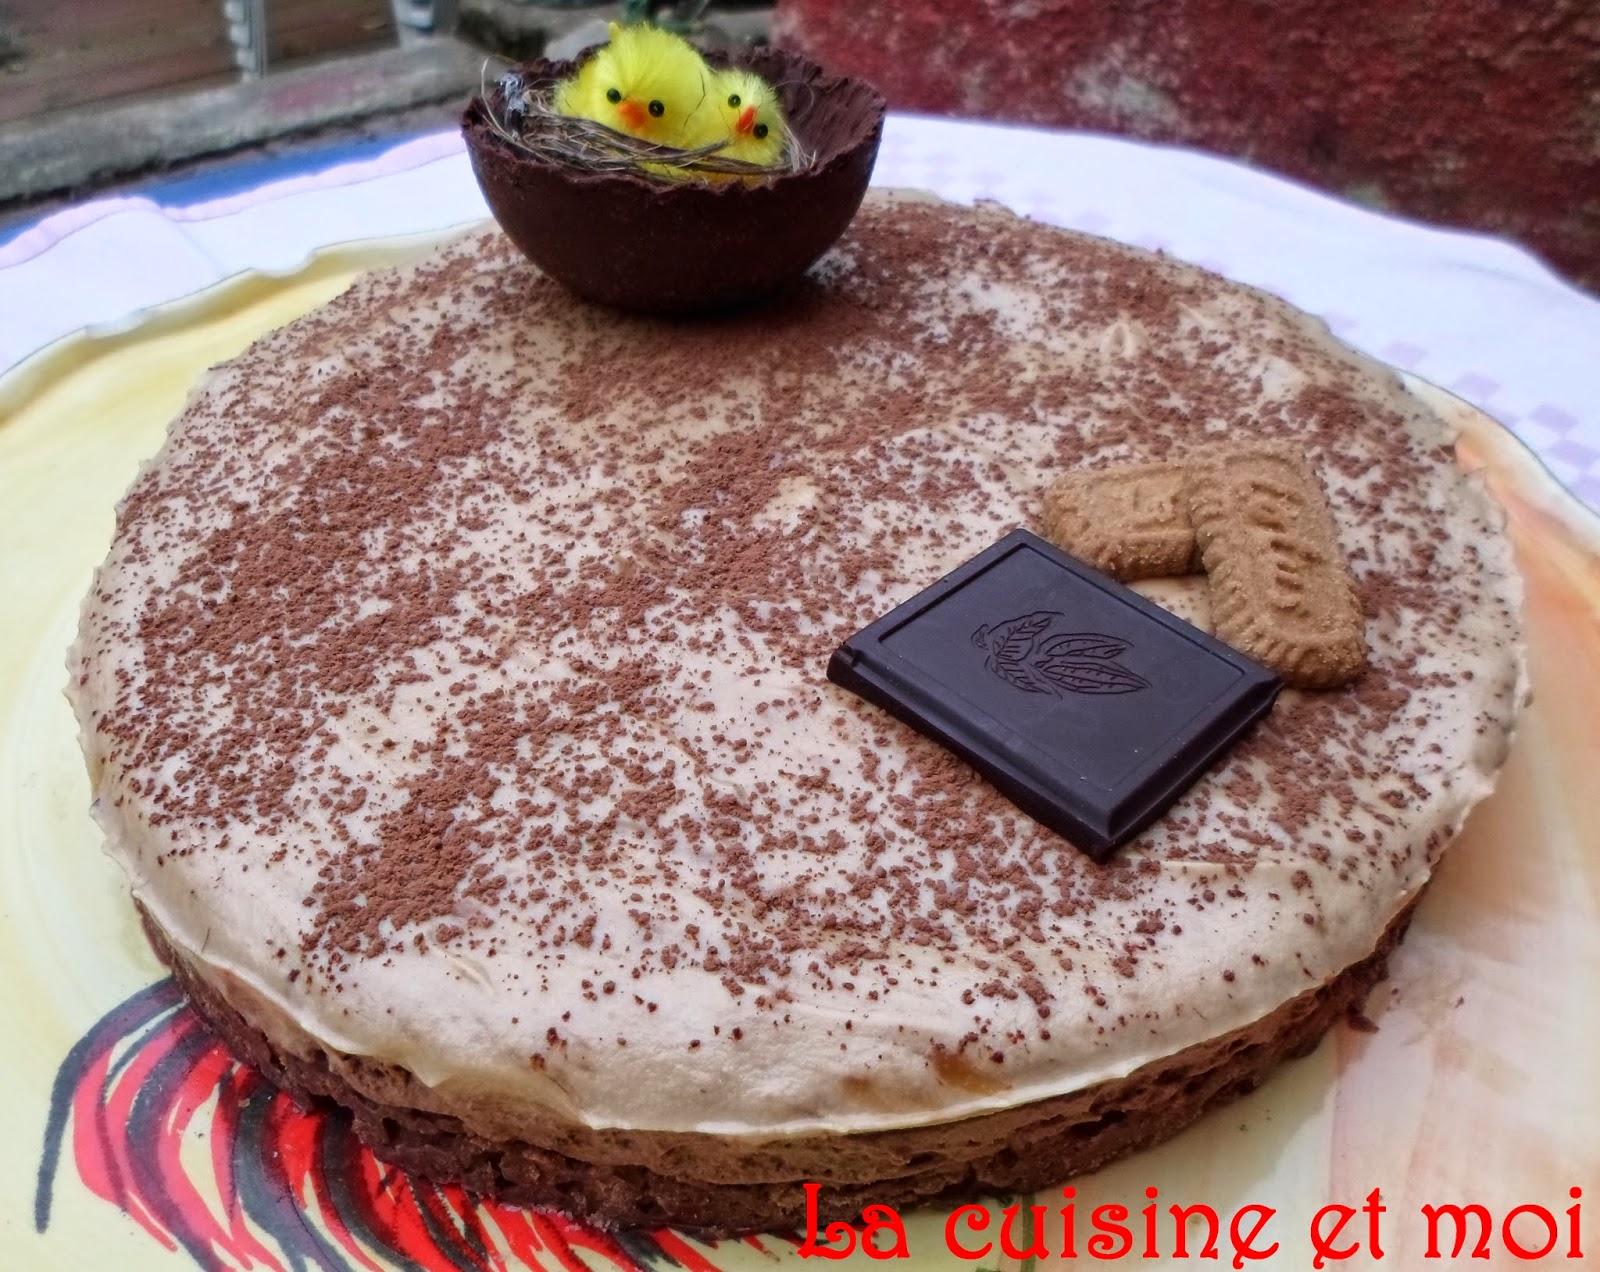 http://la-cuisine-et-moi.blogspot.fr/2014/04/gateau-de-paques-2014.html